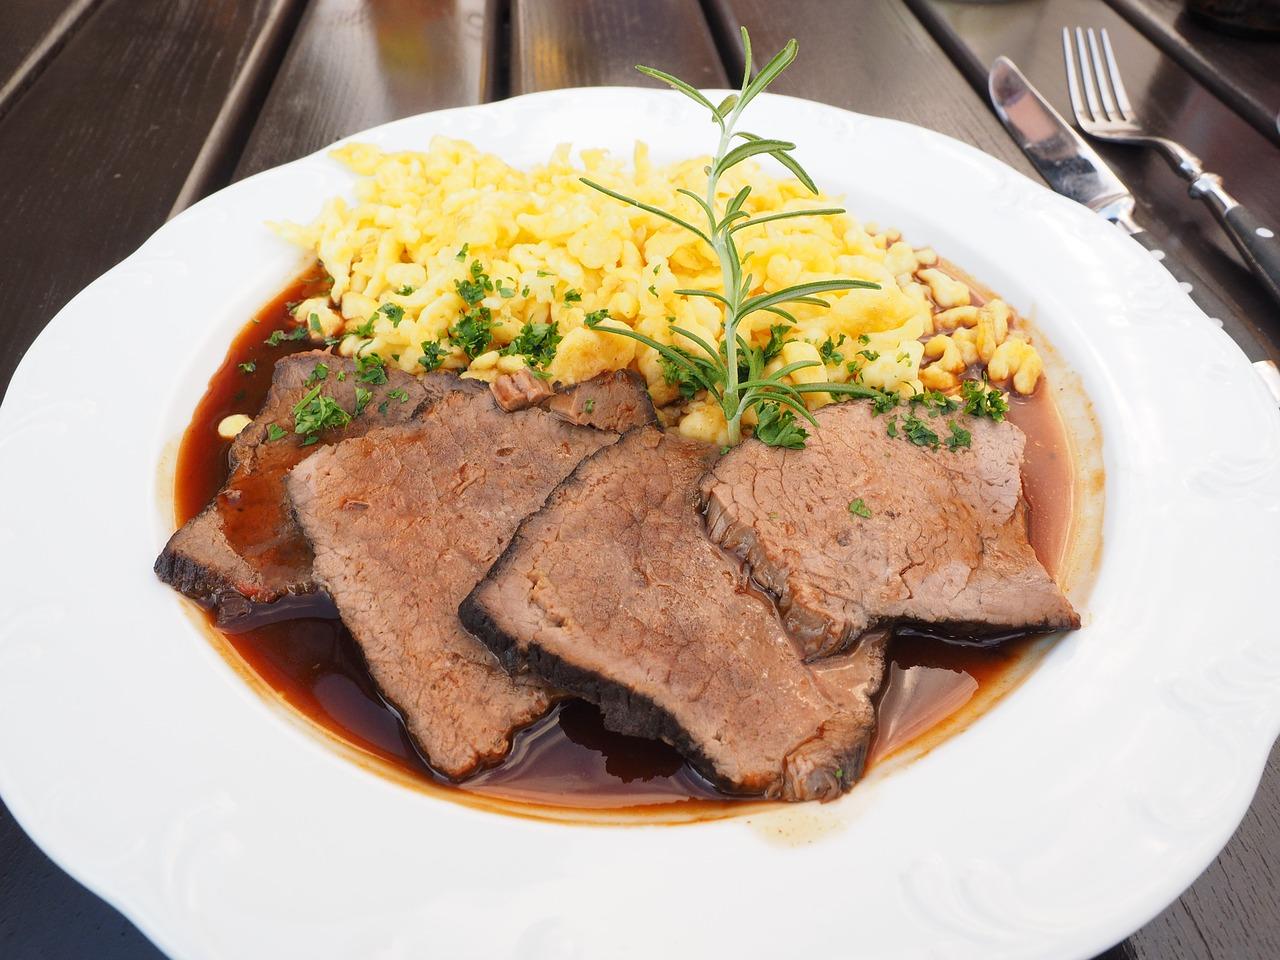 7 место. «Зауэрбратен». Sauerbraten. Жаркое из маринованого мяса